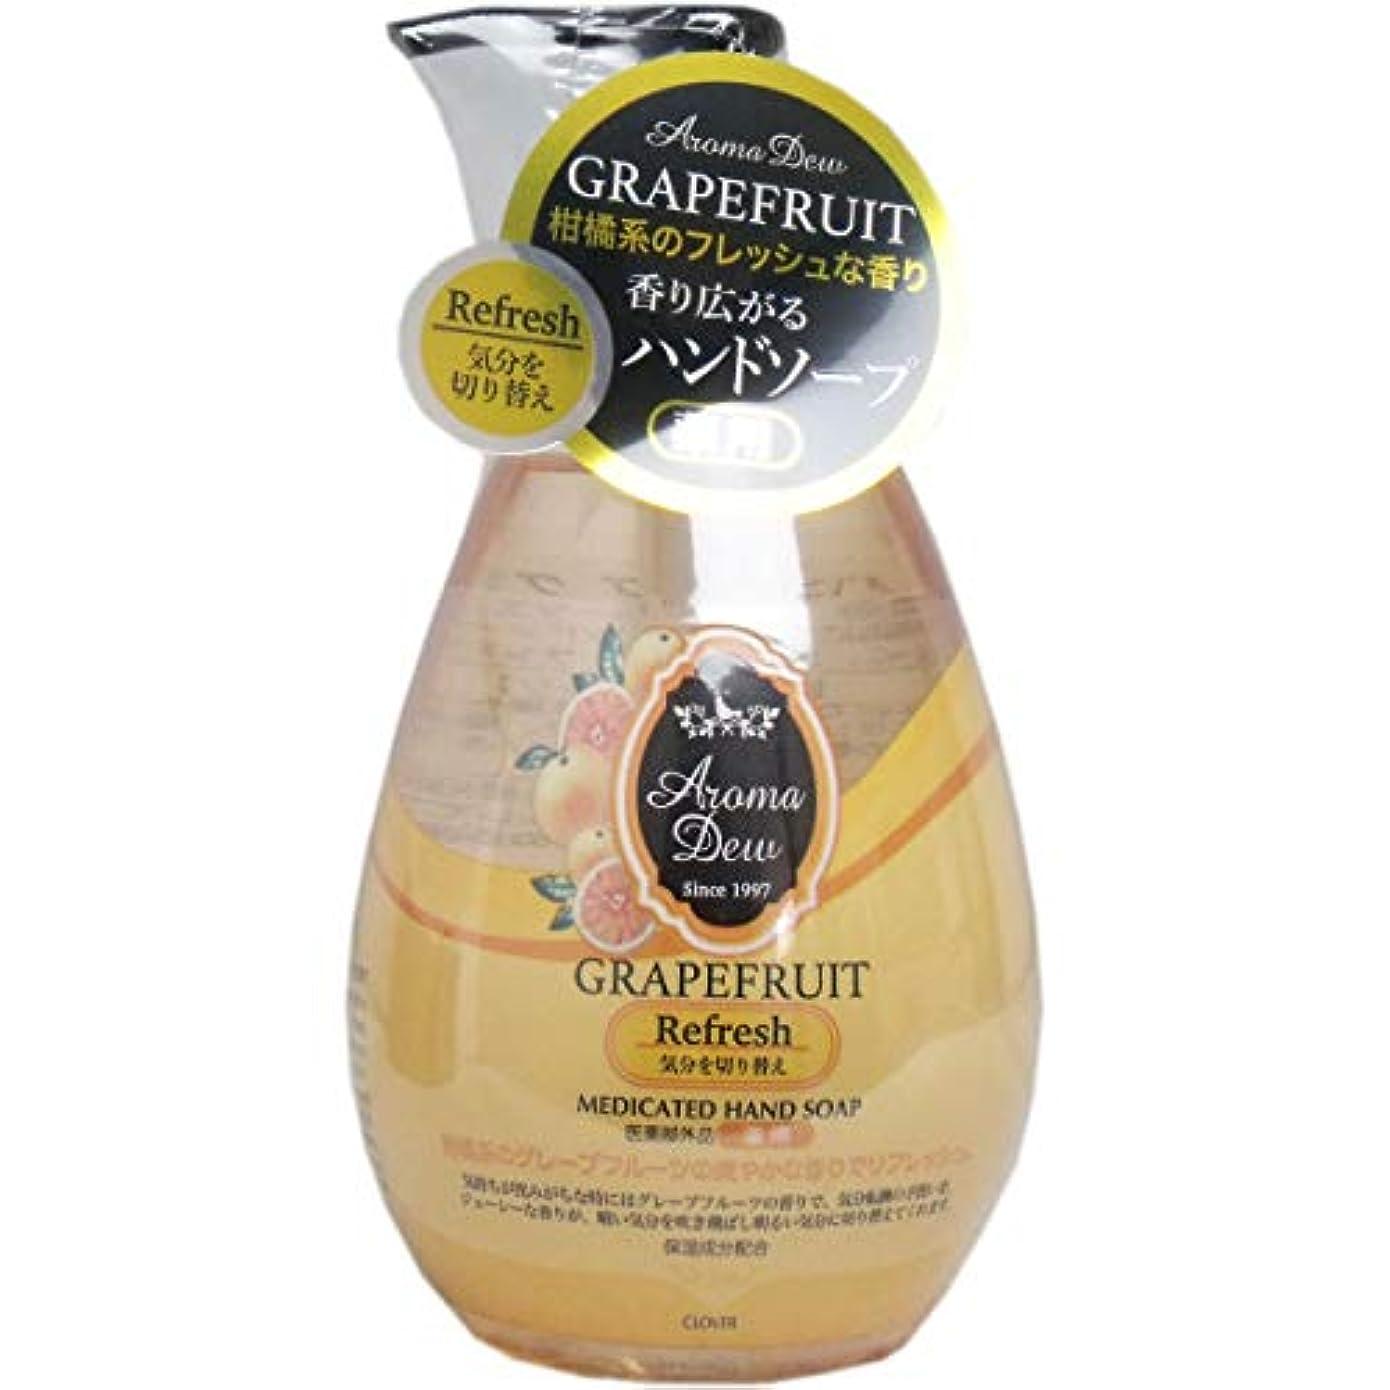 委員会哀フレキシブル薬用アロマデュウ ハンドソープ グレープフルーツの香り 260mL(単品)